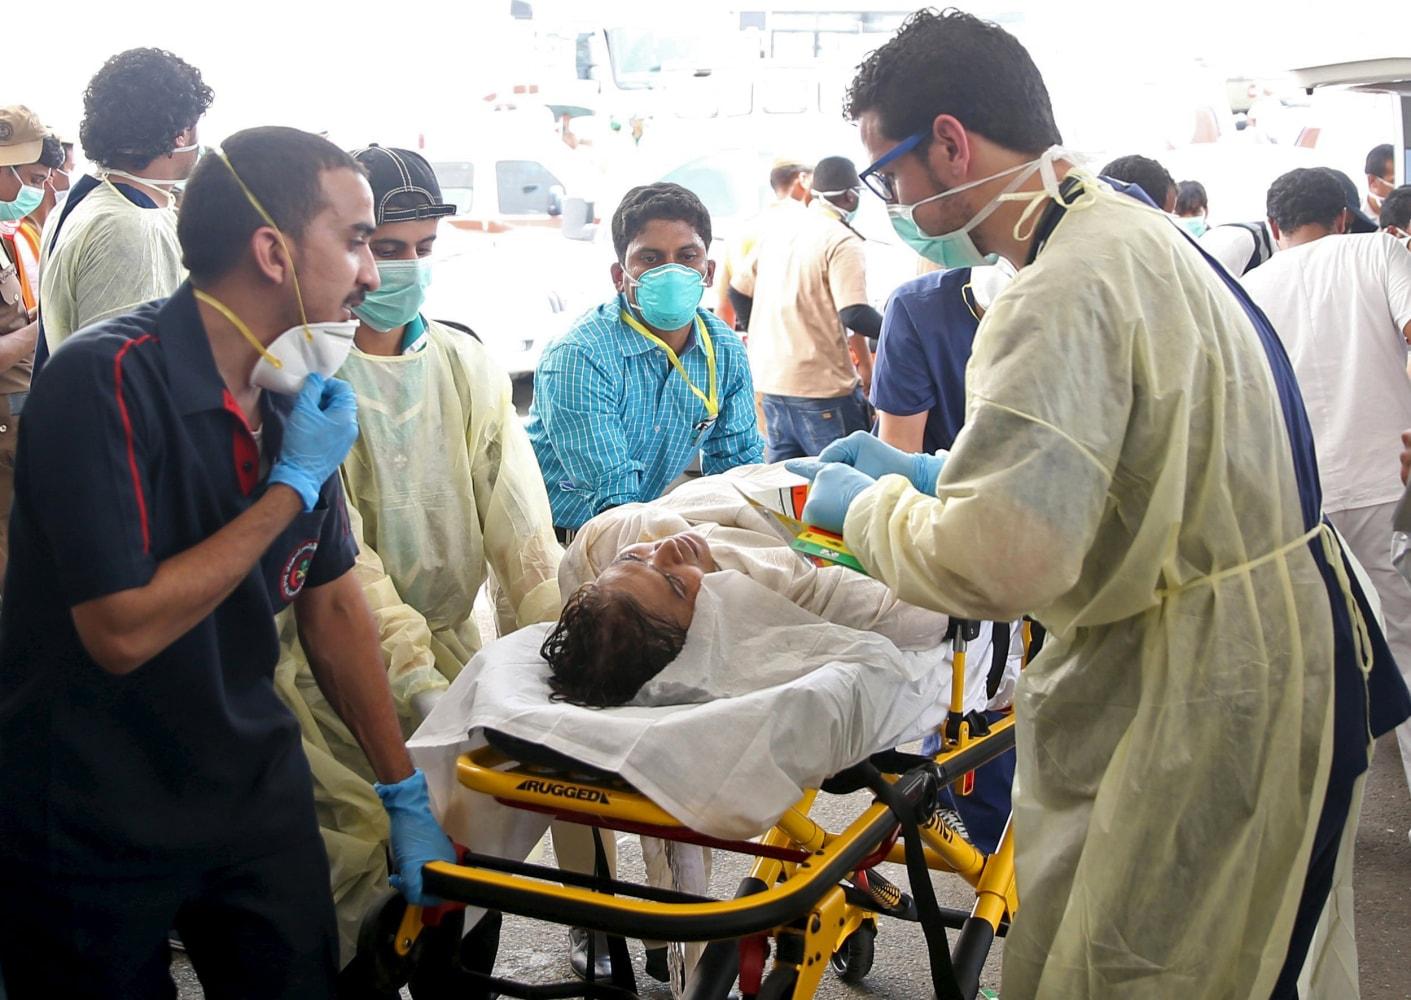 Hajj Stampede Saudi Arabia Says 700 Dead 800 Injured In